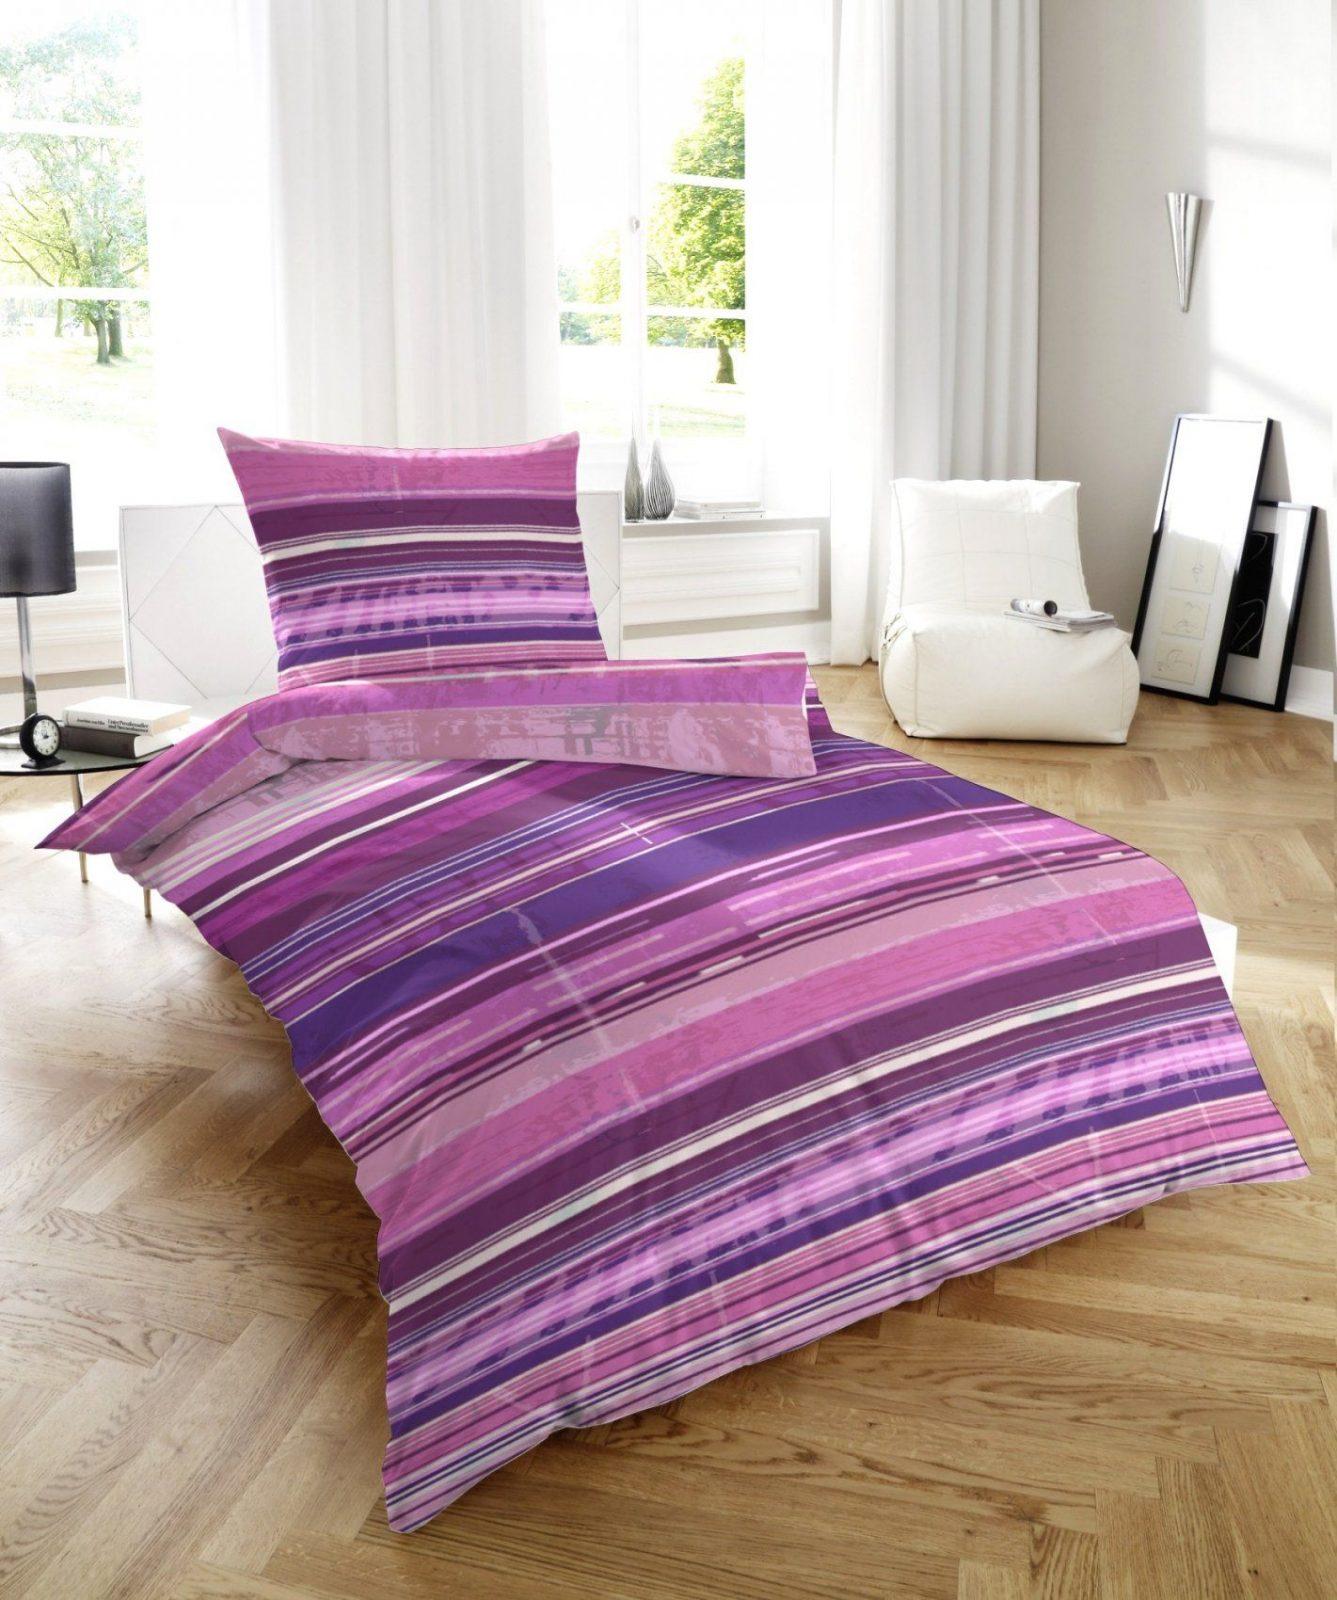 Fabelhafte Ideen Biber Bettwäsche Lila Und Schöne 135×200 Bettwasche von Biber Bettwäsche Lila Bild